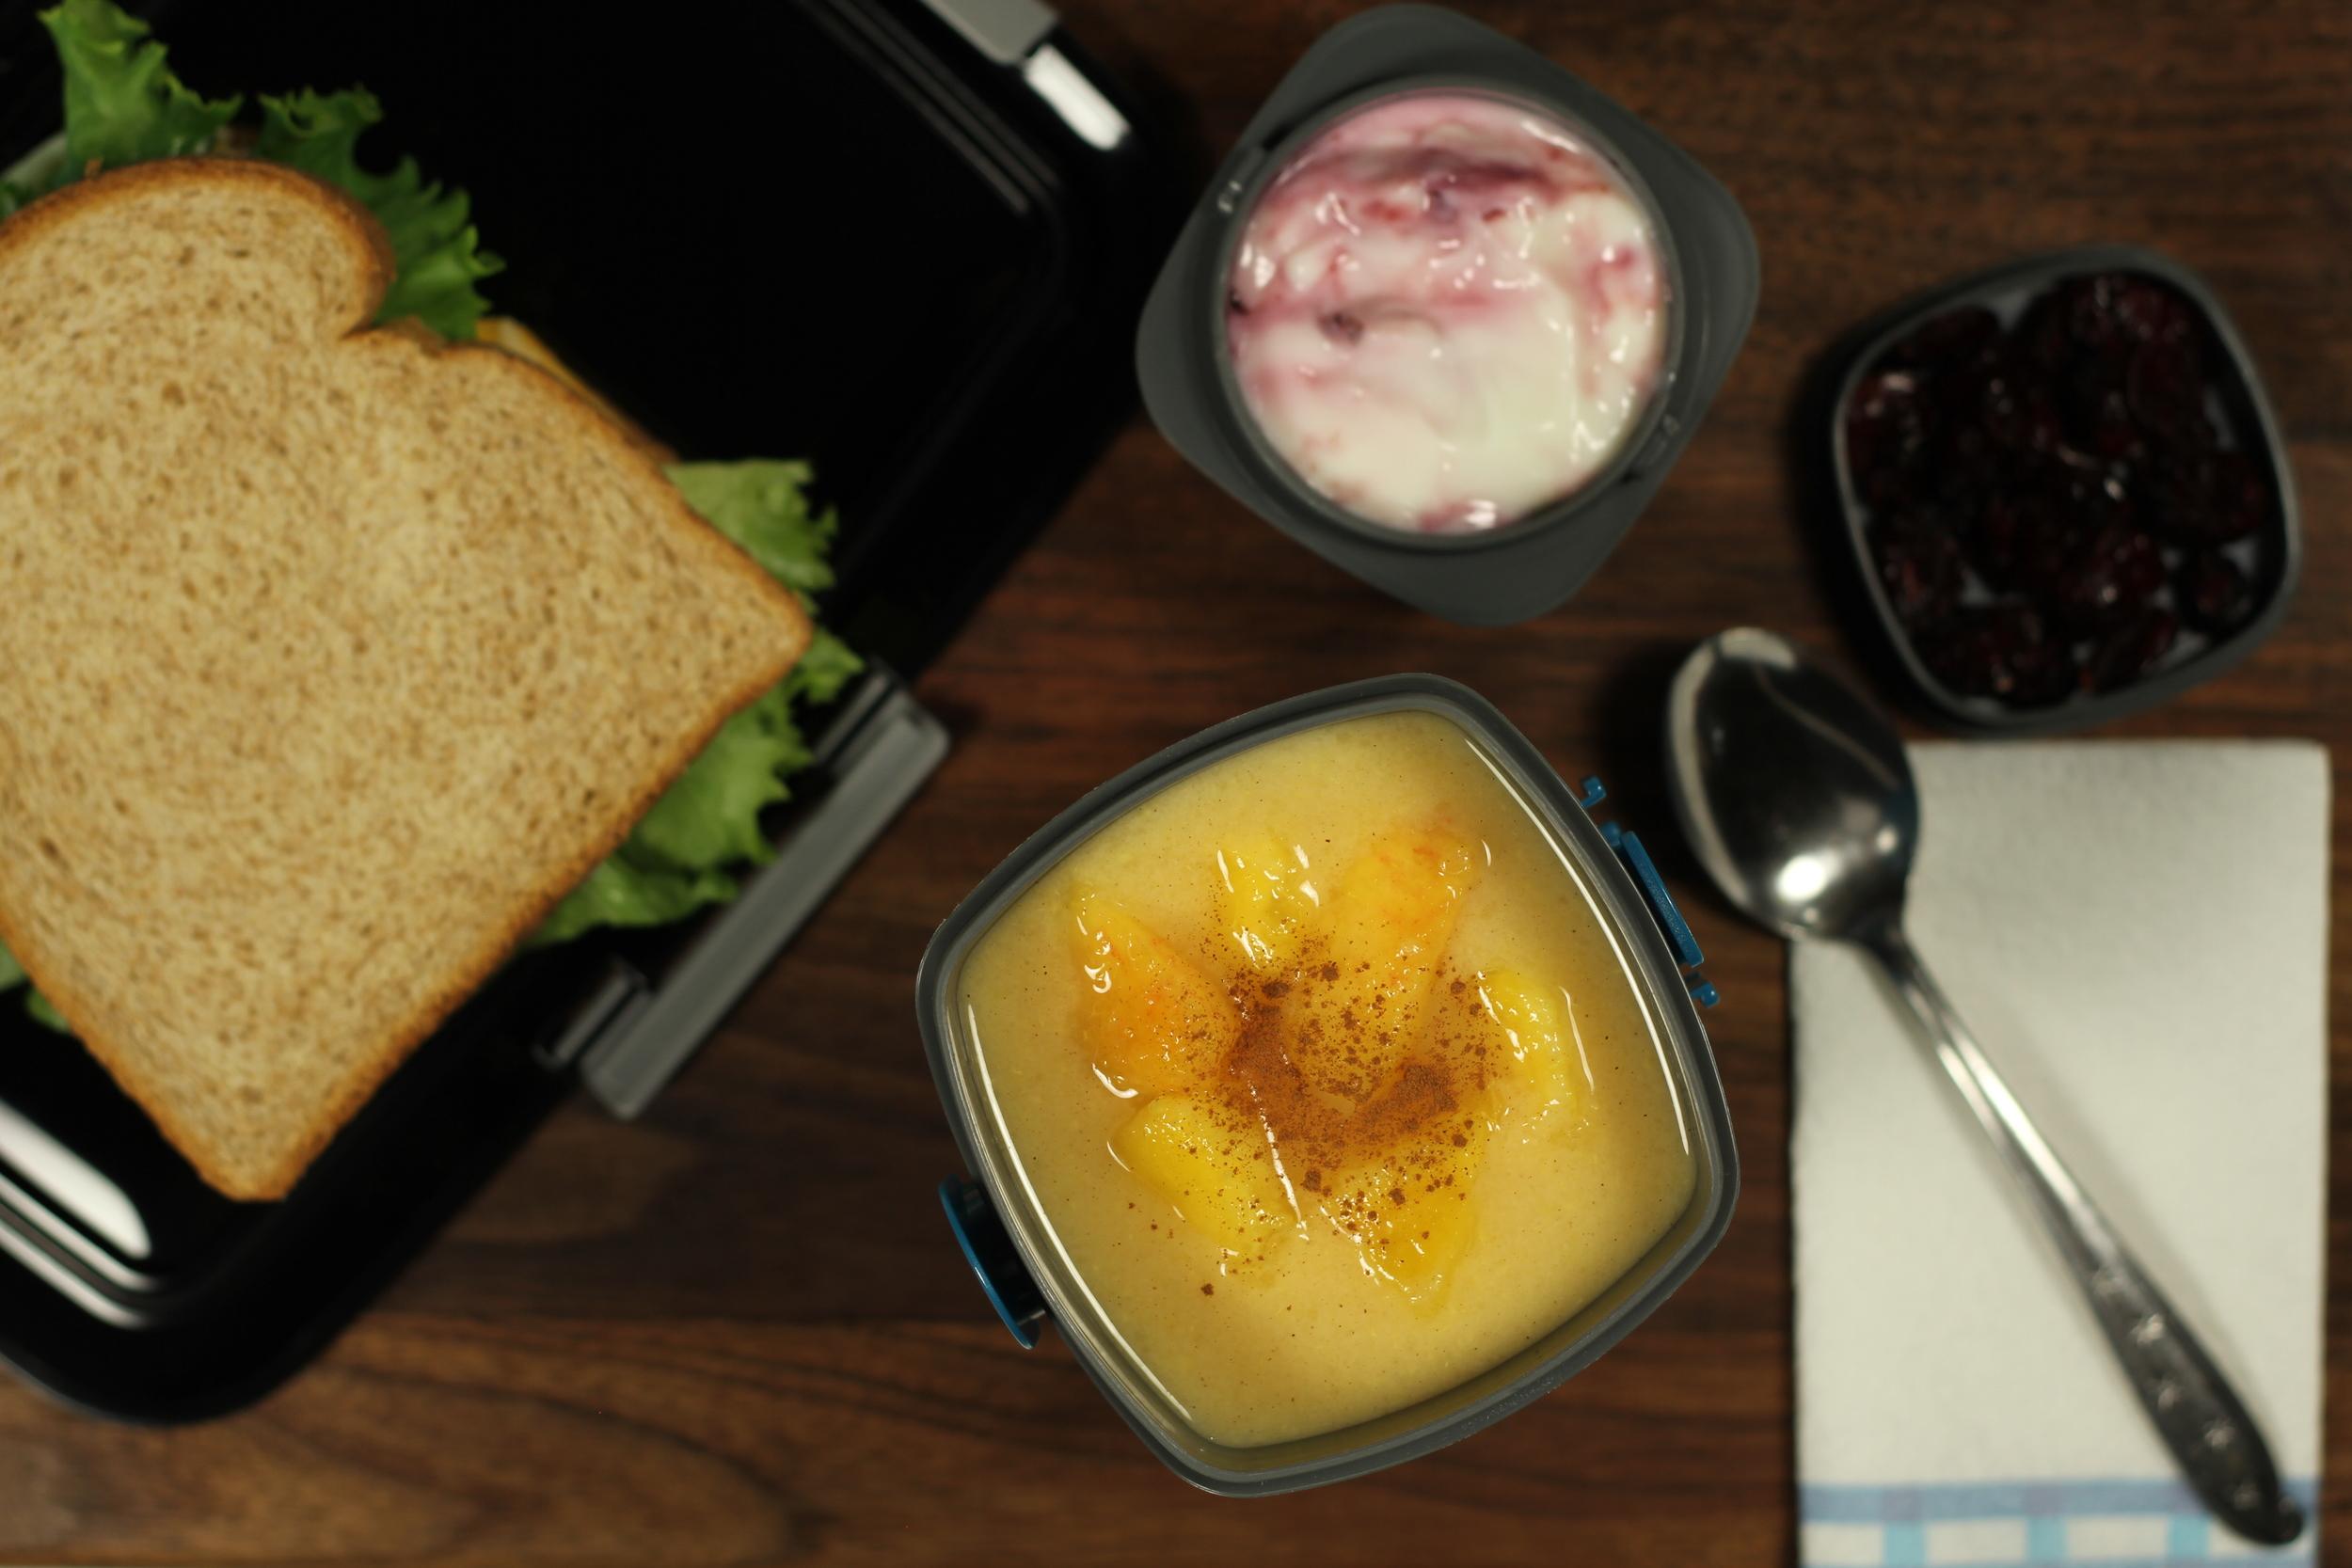 A peachy keen lunch!